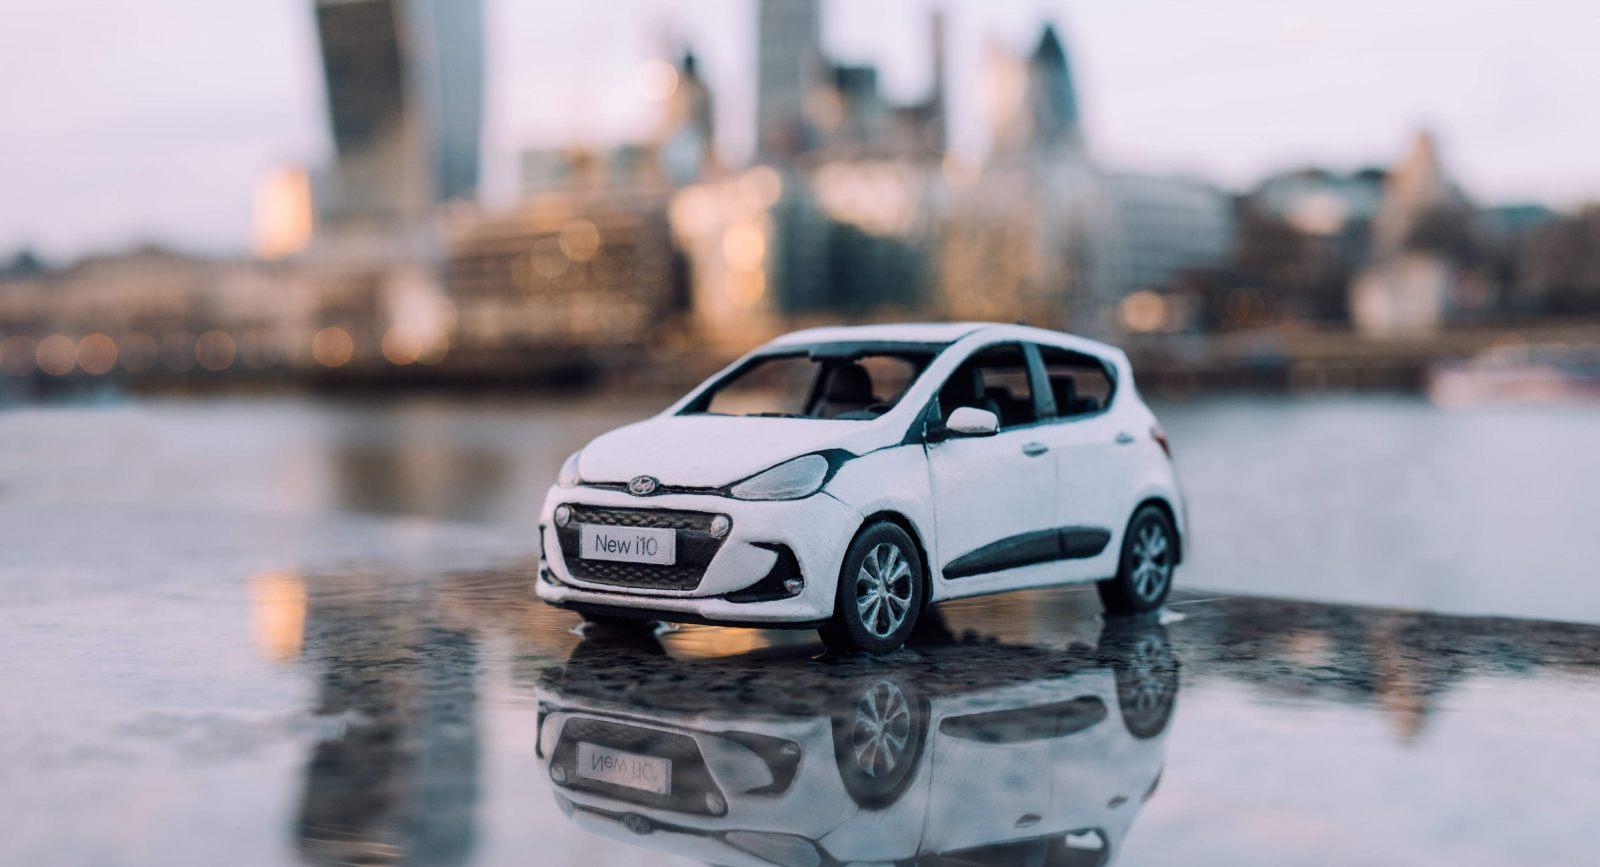 Hyundai i10 in the city